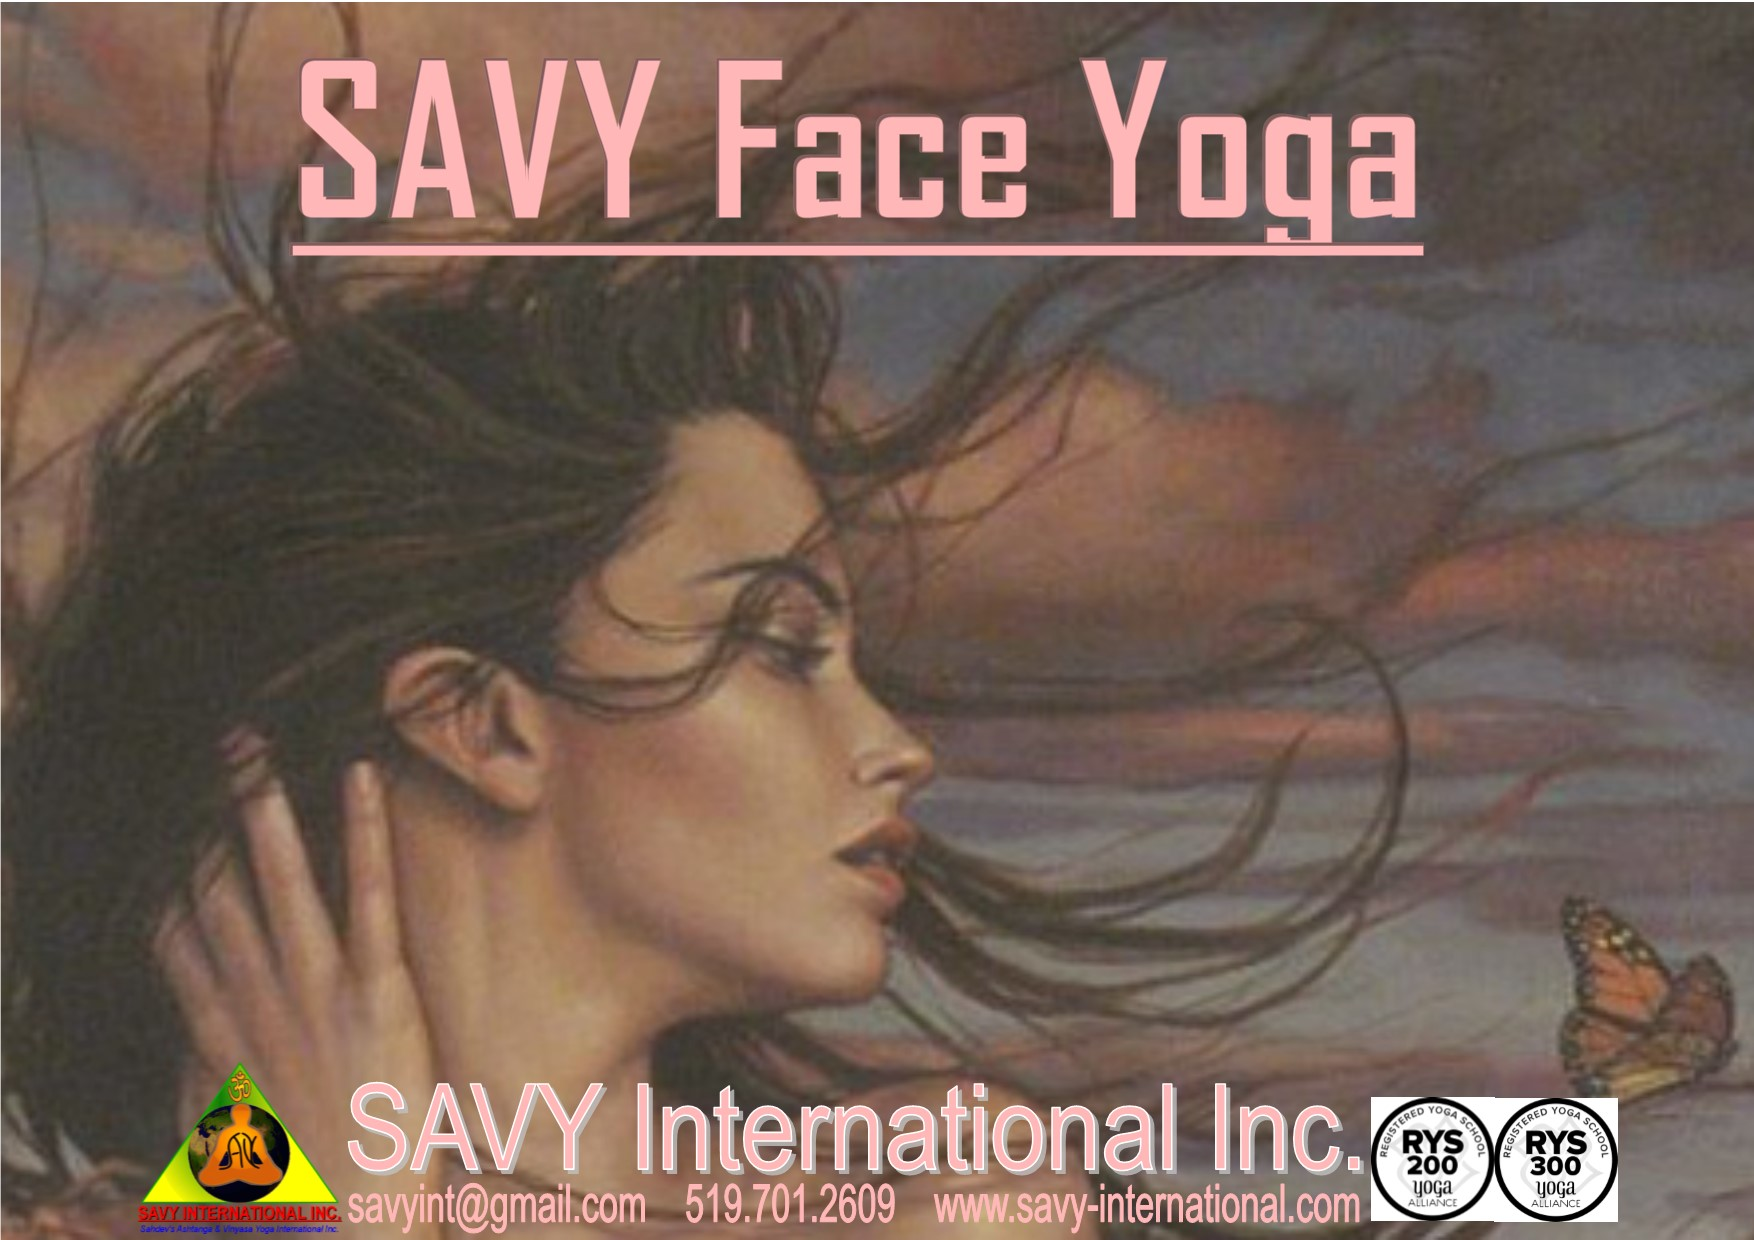 SAVY Face Yoga 1 - Learn 7 Exercises